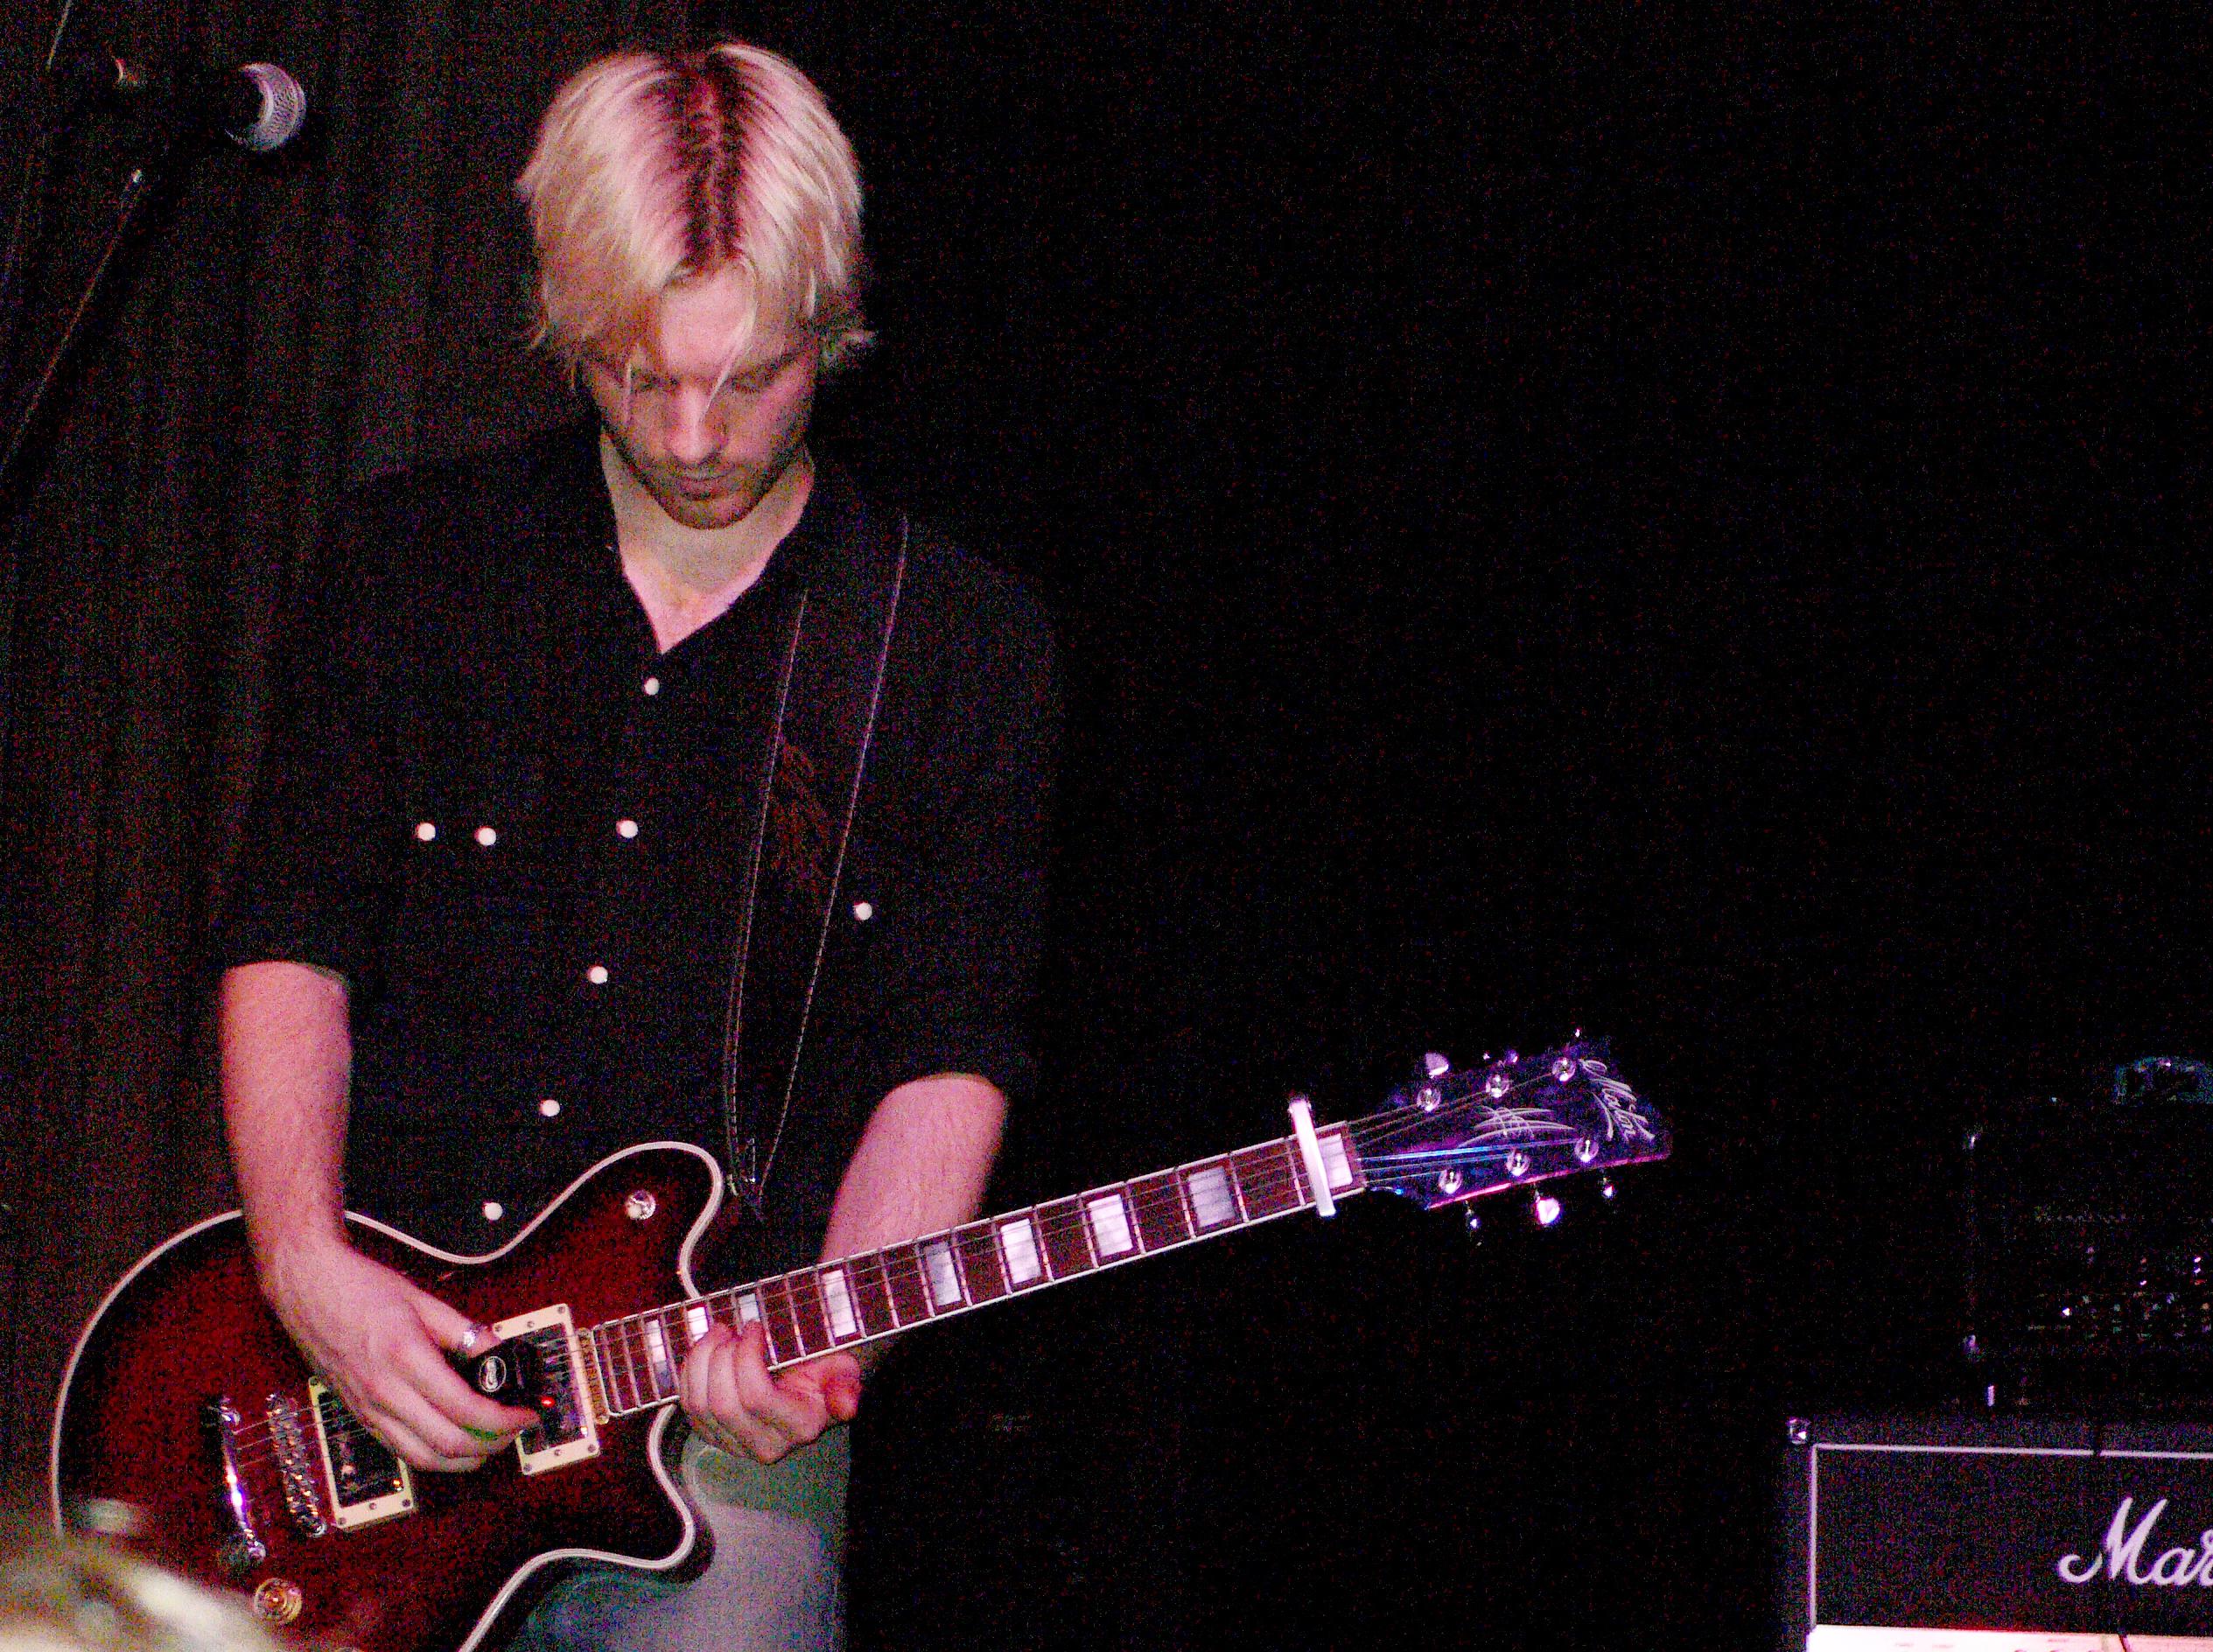 Ryan Temby